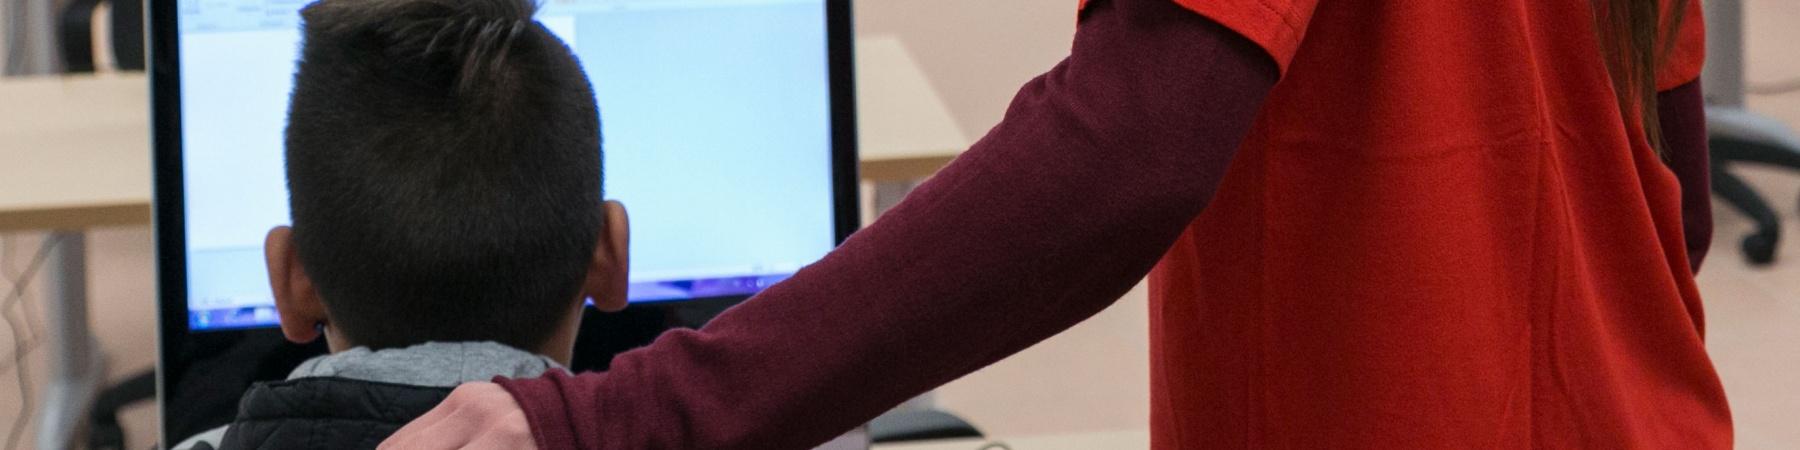 operatrice-mano-sulla-spalla-di-un-bambino-di-spalle-al-computer